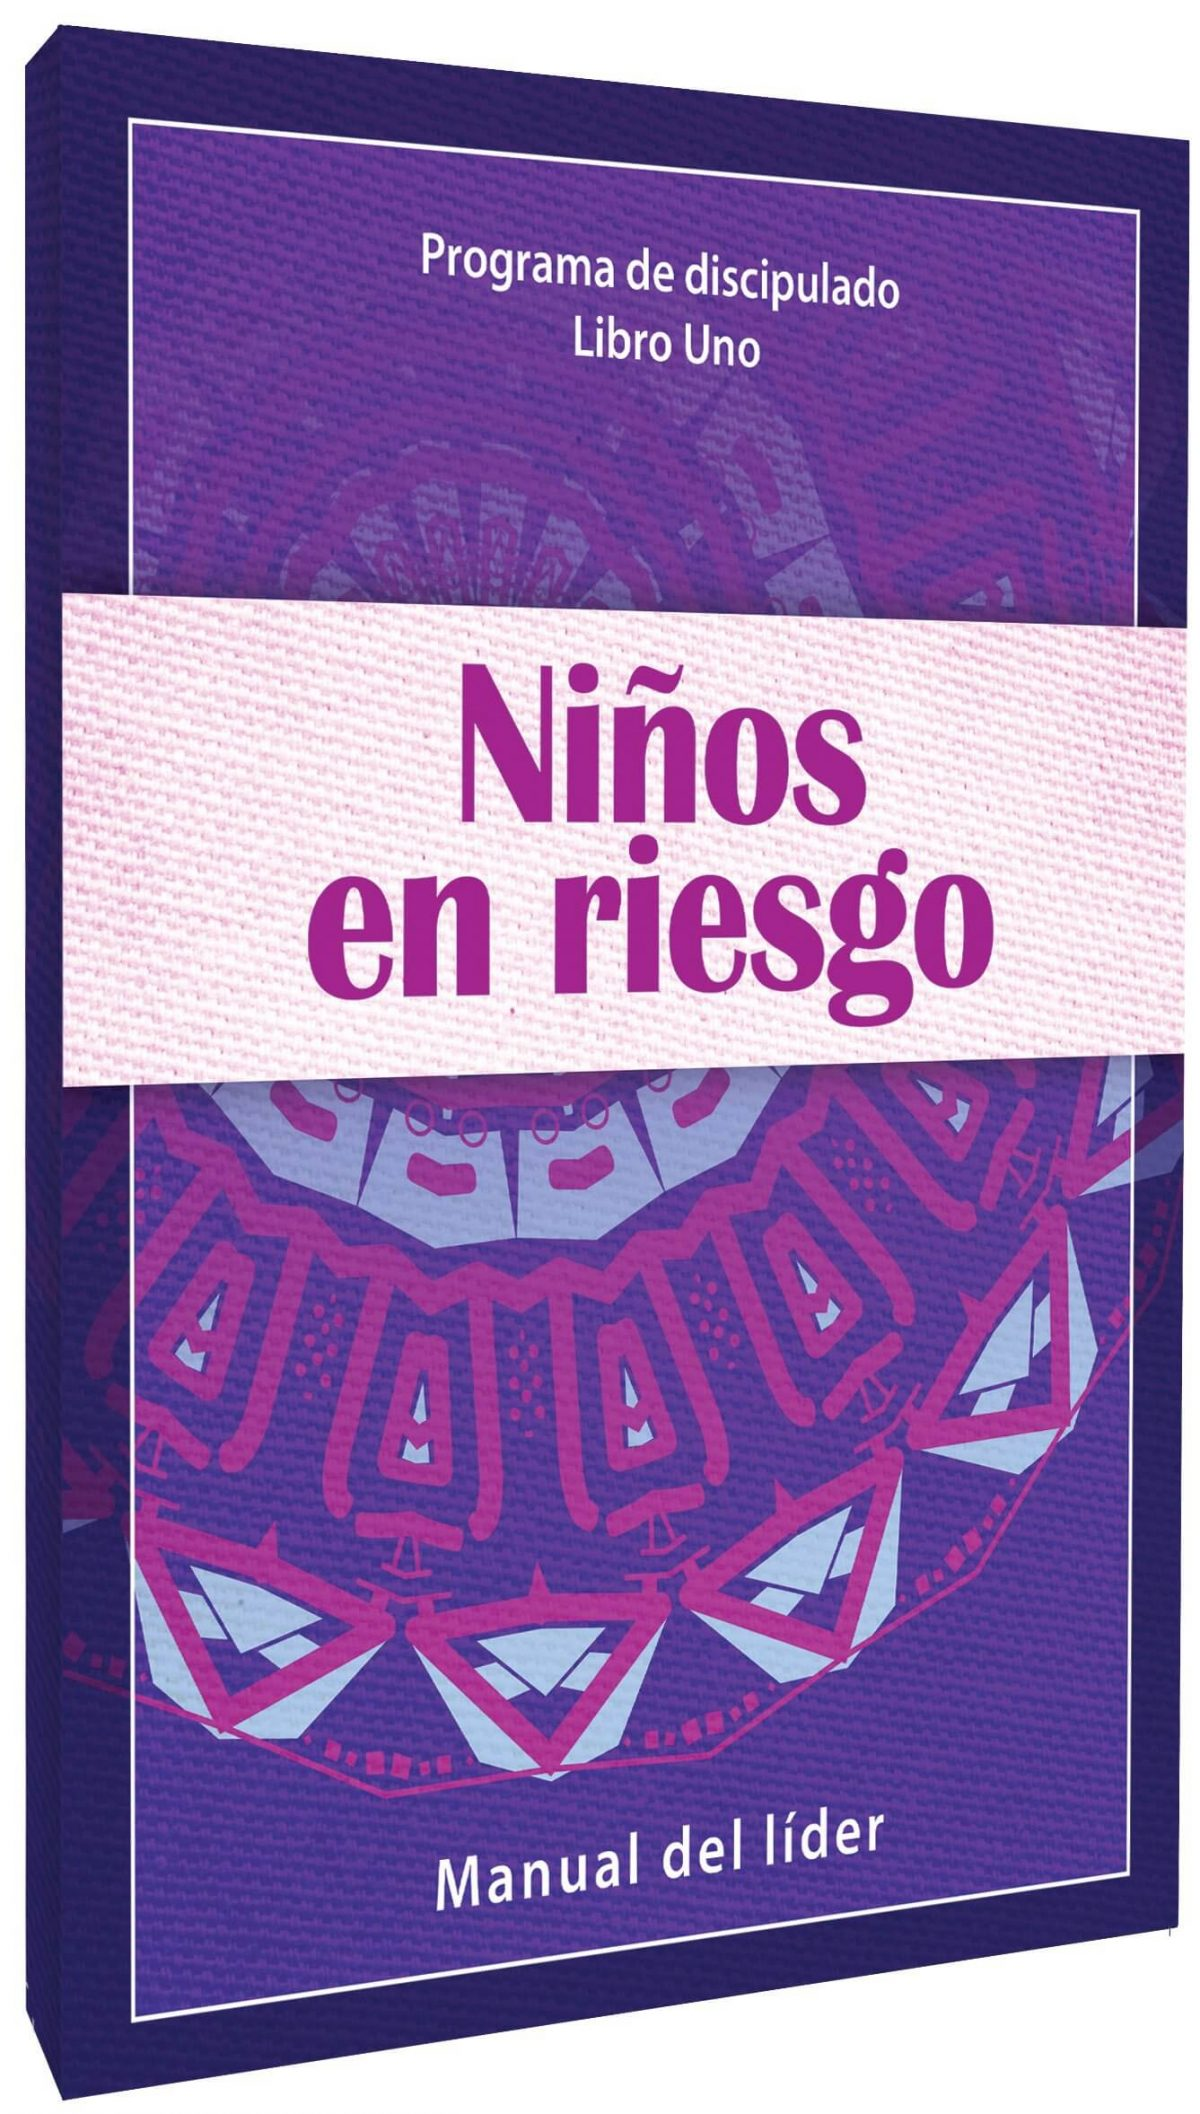 NIÑOS EN RIESGO - Libro Uno